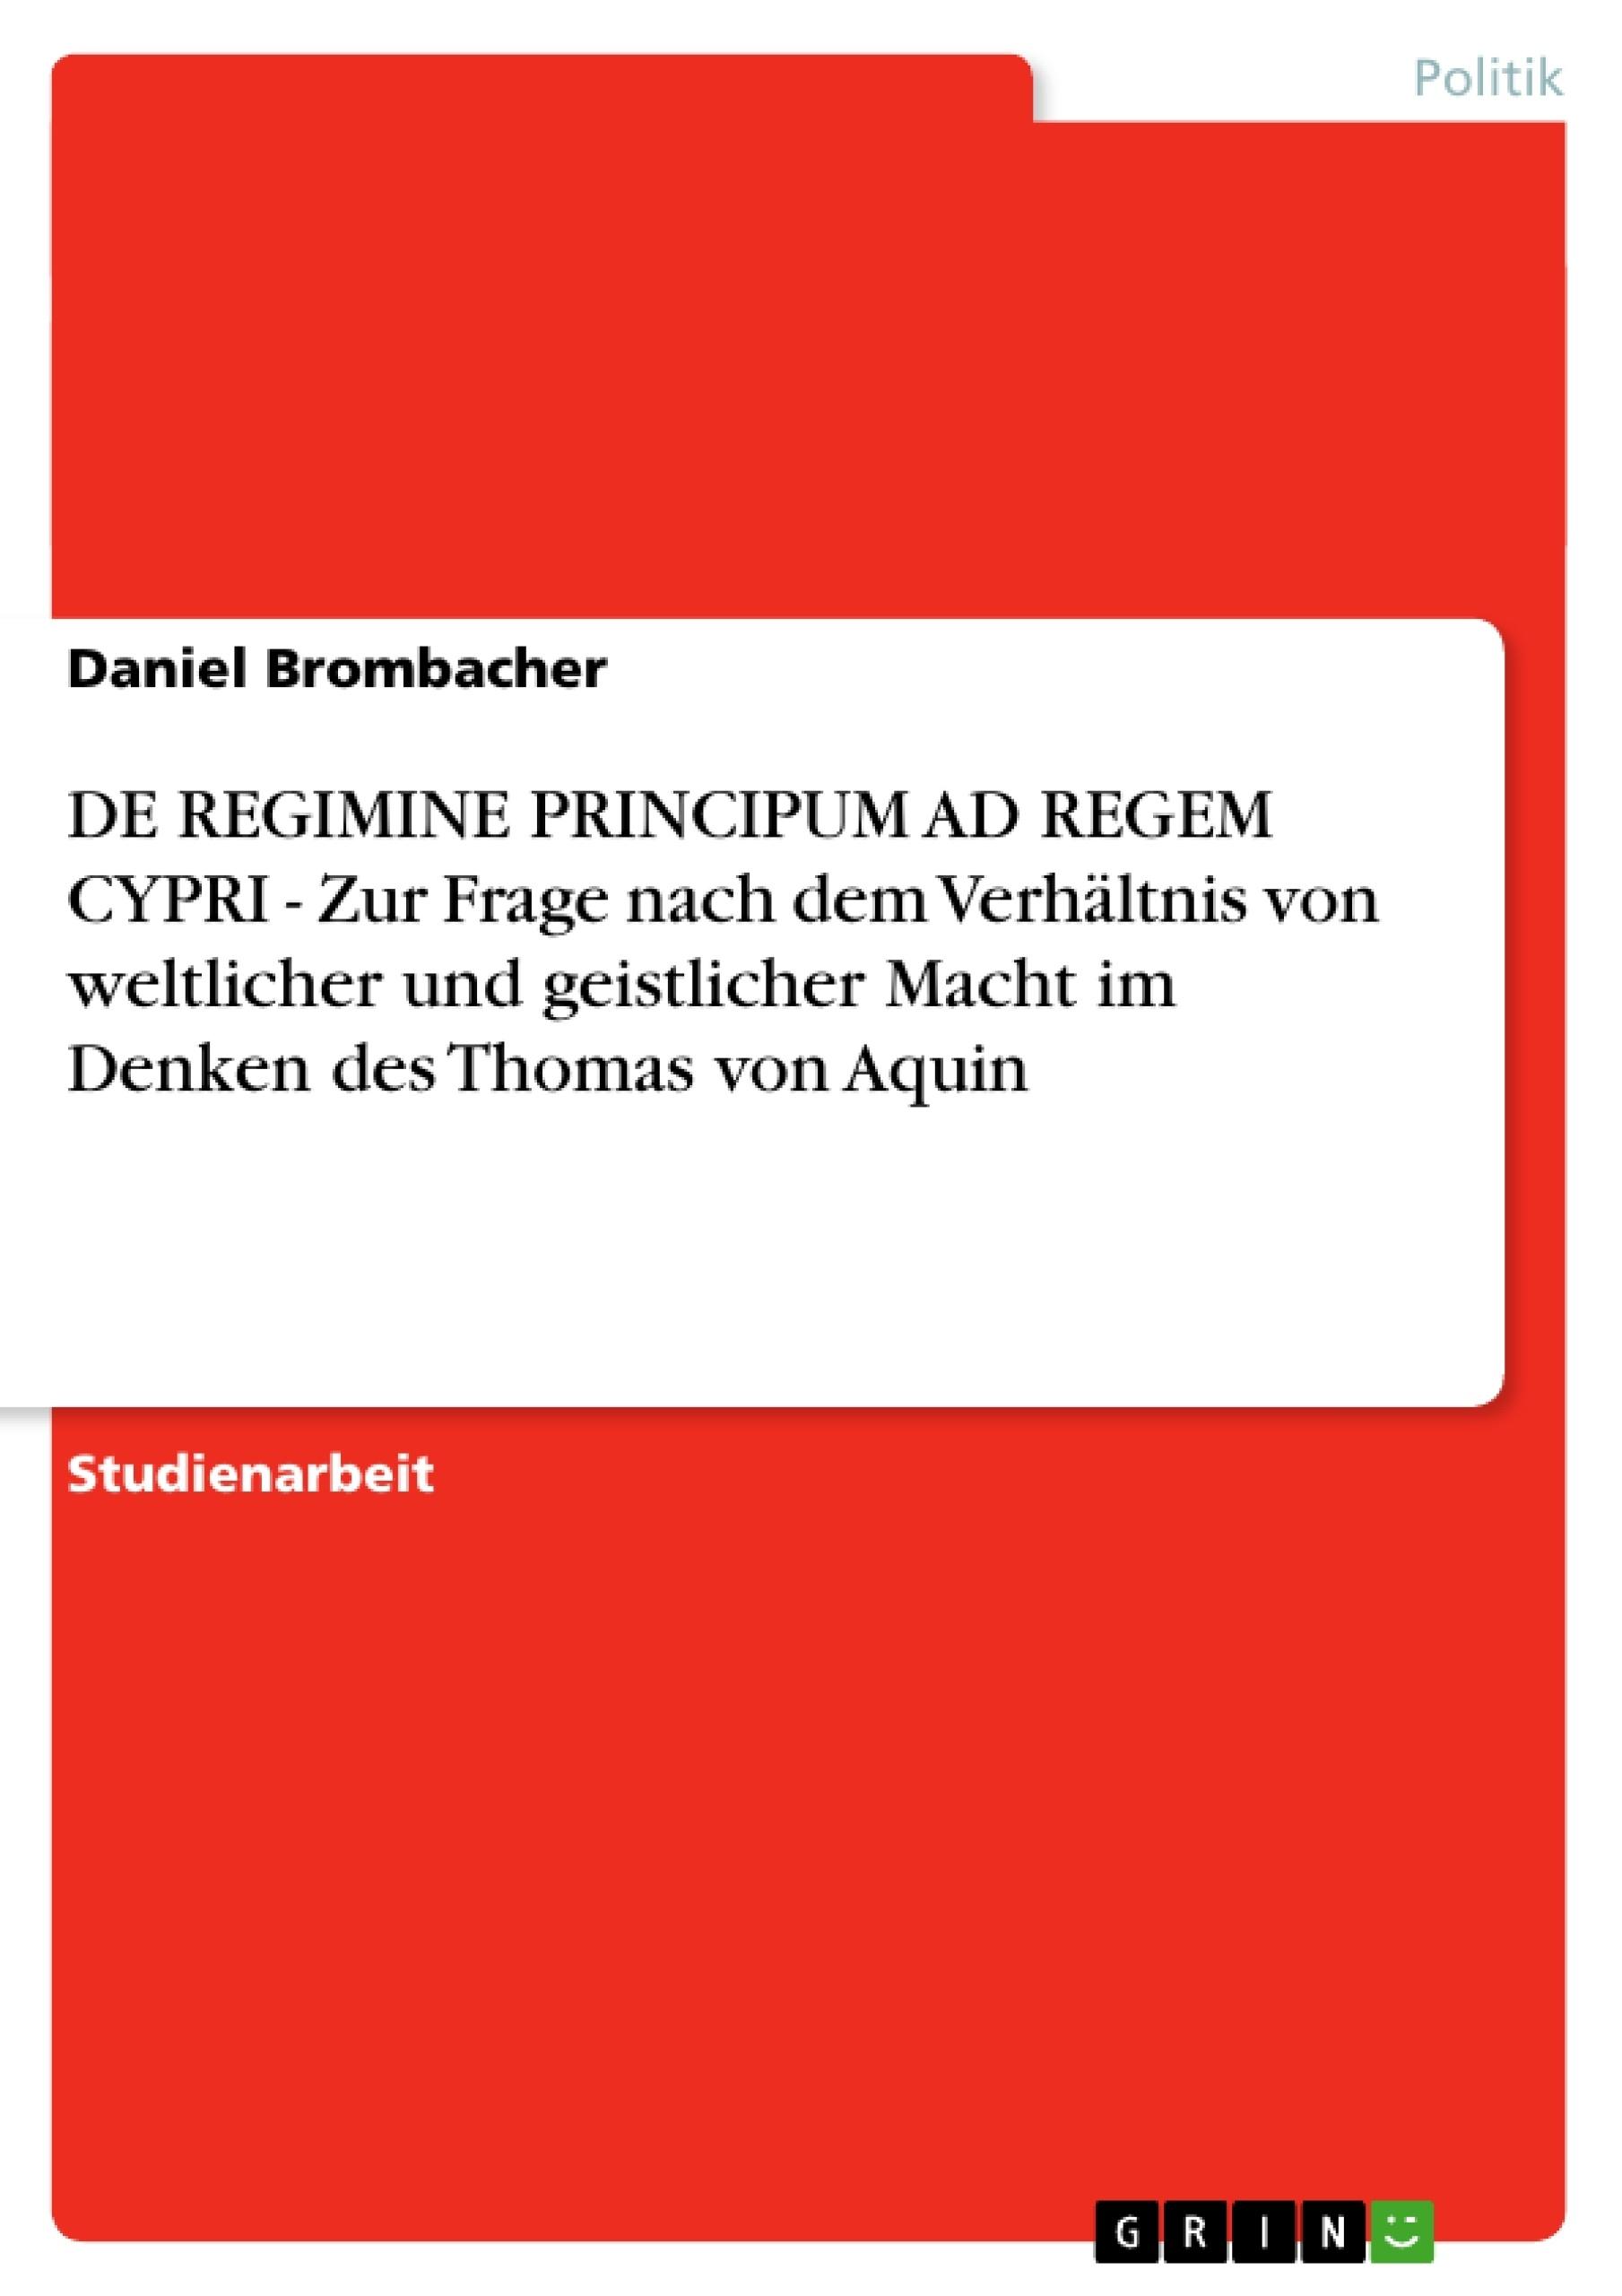 Titel: DE REGIMINE PRINCIPUM AD REGEM CYPRI - Zur Frage nach dem Verhältnis von weltlicher und geistlicher Macht im Denken des Thomas von Aquin